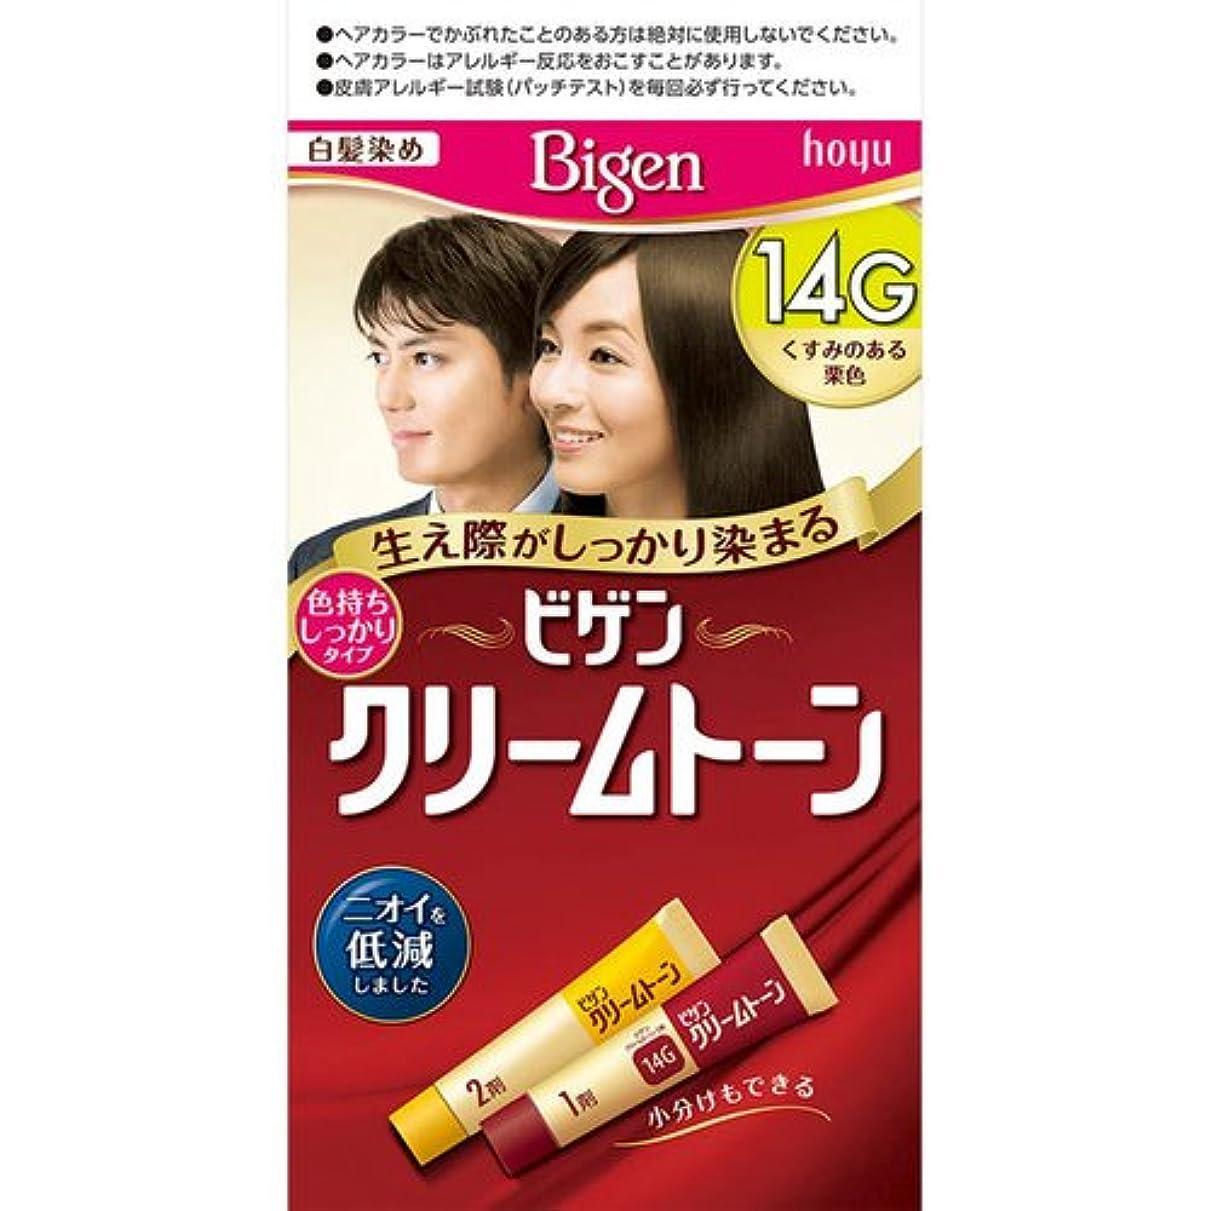 今日マリナー形式ビゲン クリームトーン 14G くすみのある栗色 40g+40g[医薬部外品]